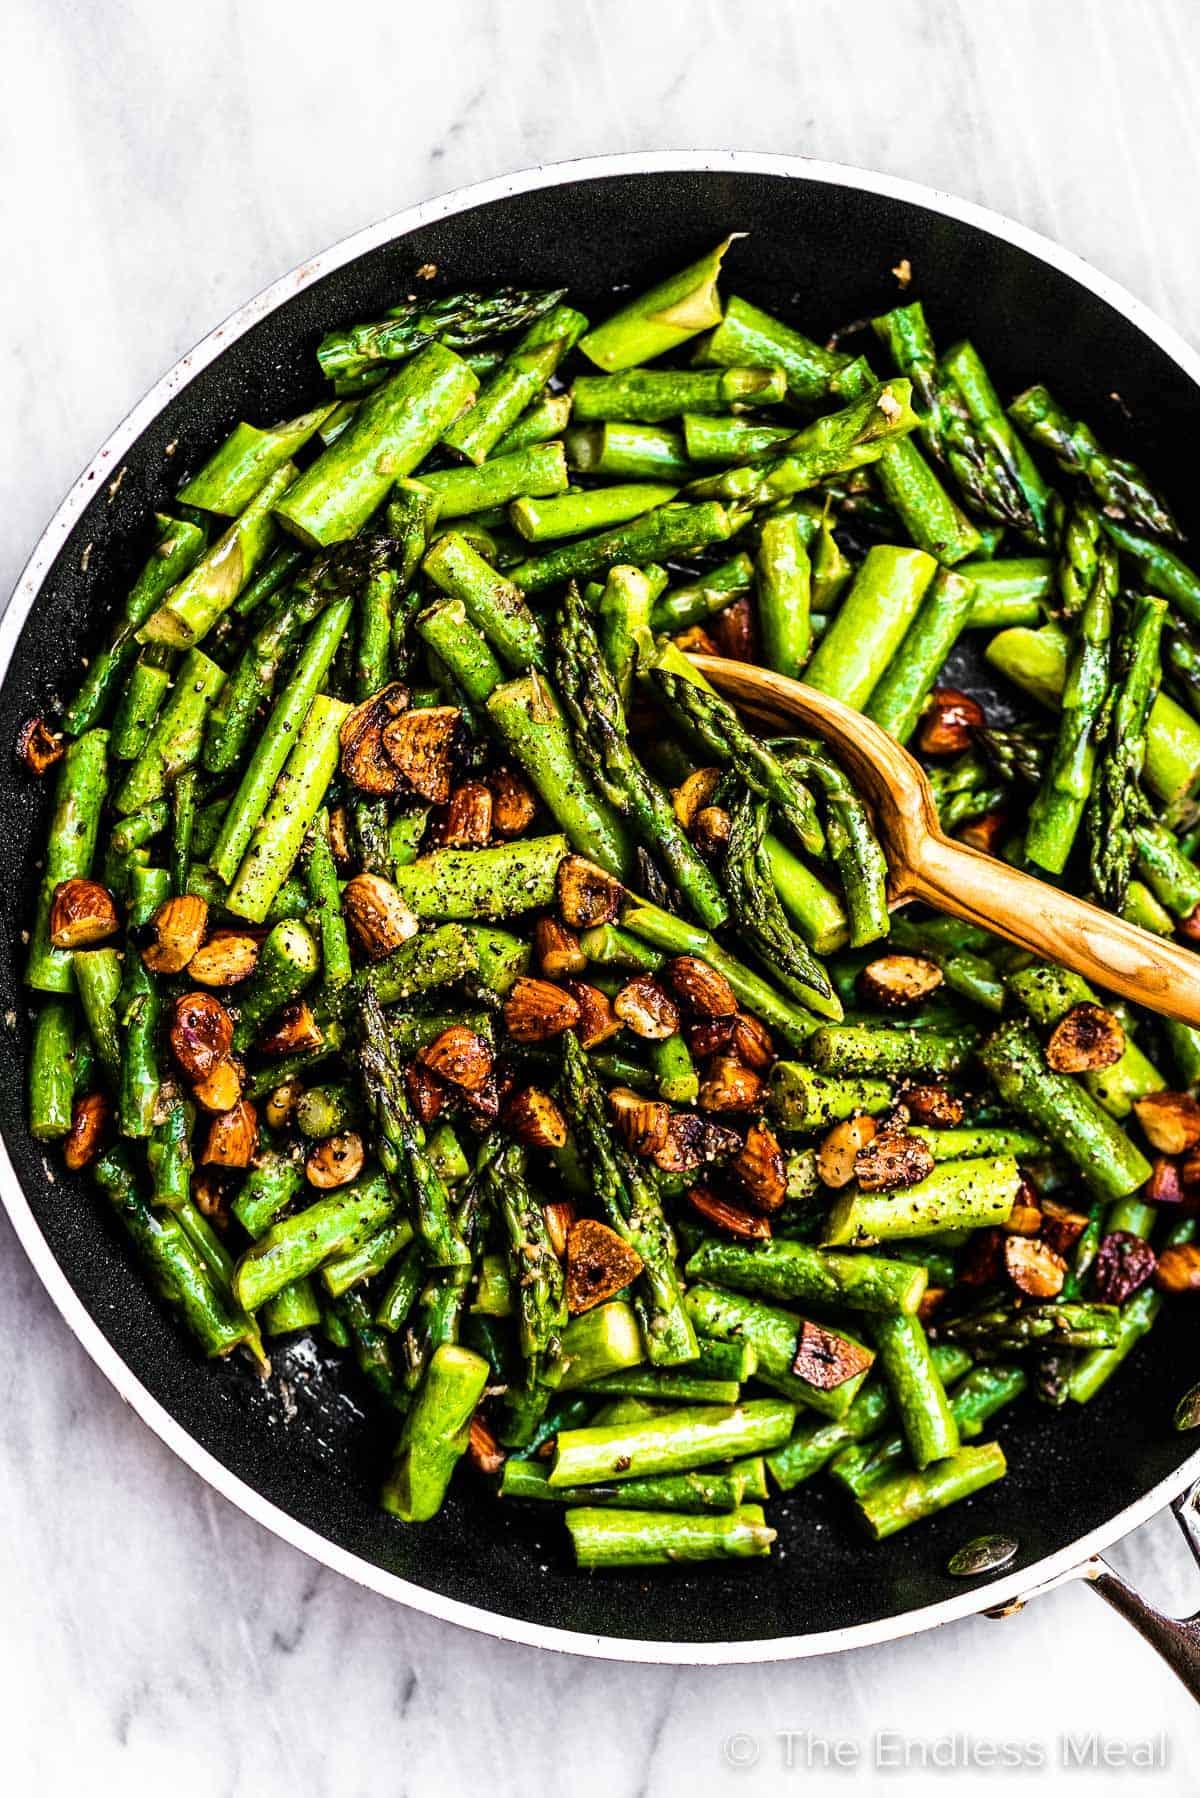 Garlic butter asparagus in a black pan.